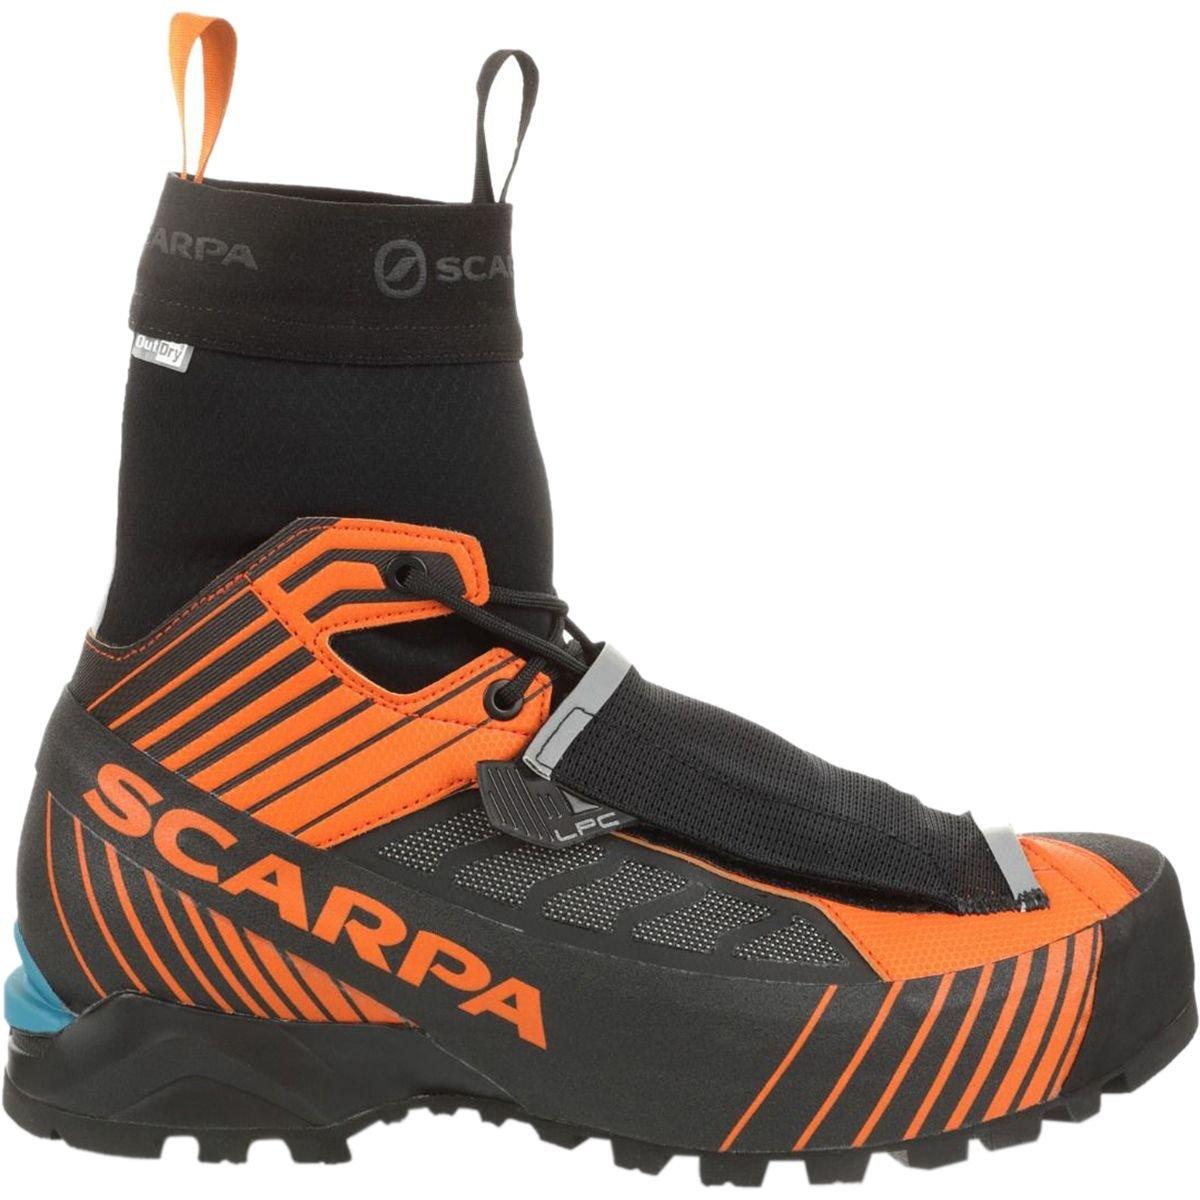 [スカルパ] メンズ ハイキング Ribelle Tech OD メンズ Mountaineering Ribelle Boot 41.5 [並行輸入品] B07JZYHD63 41.5, イイタテムラ:665a8370 --- cooleycoastrun.com